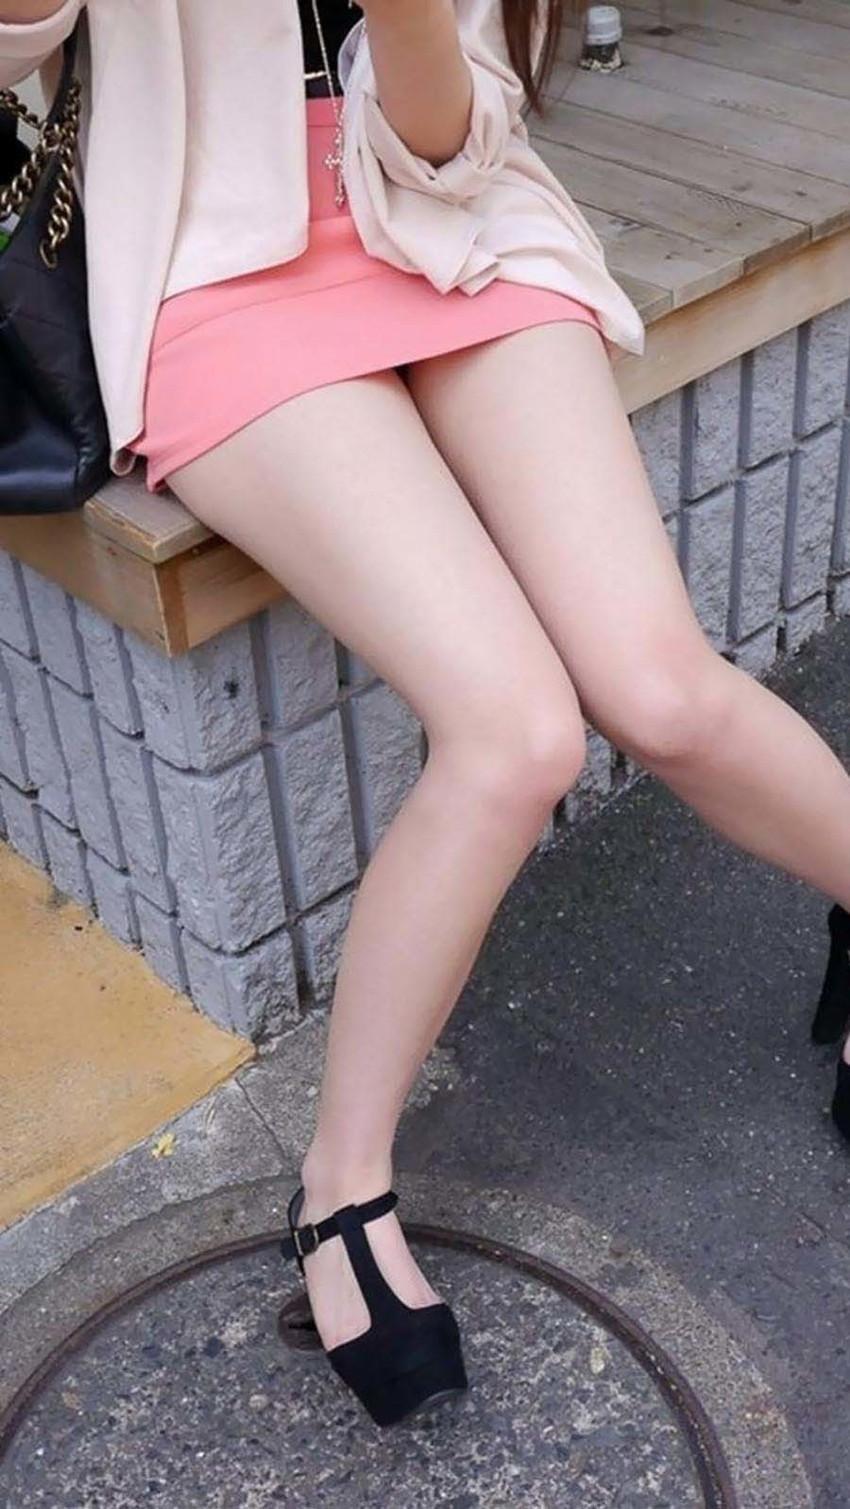 【美脚エロ画像】思わず見とれてしまう!?スラリと伸びた美脚美人! 43